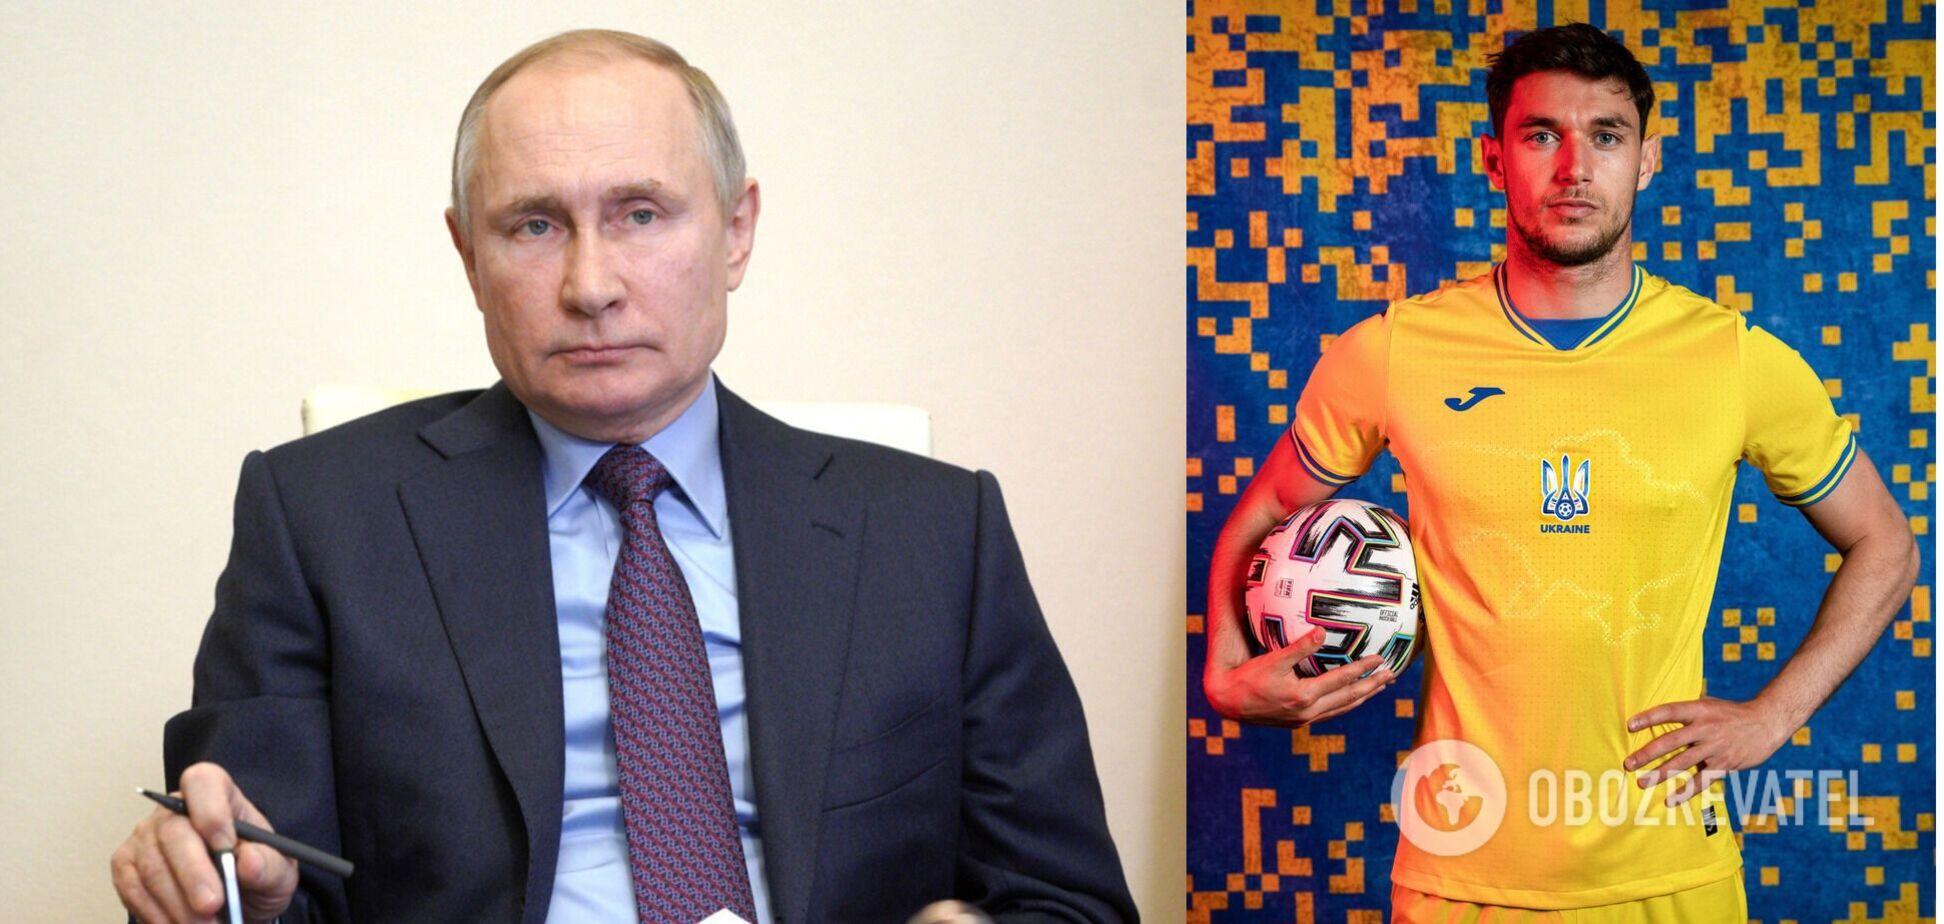 Володимир Путін, форма збірної України